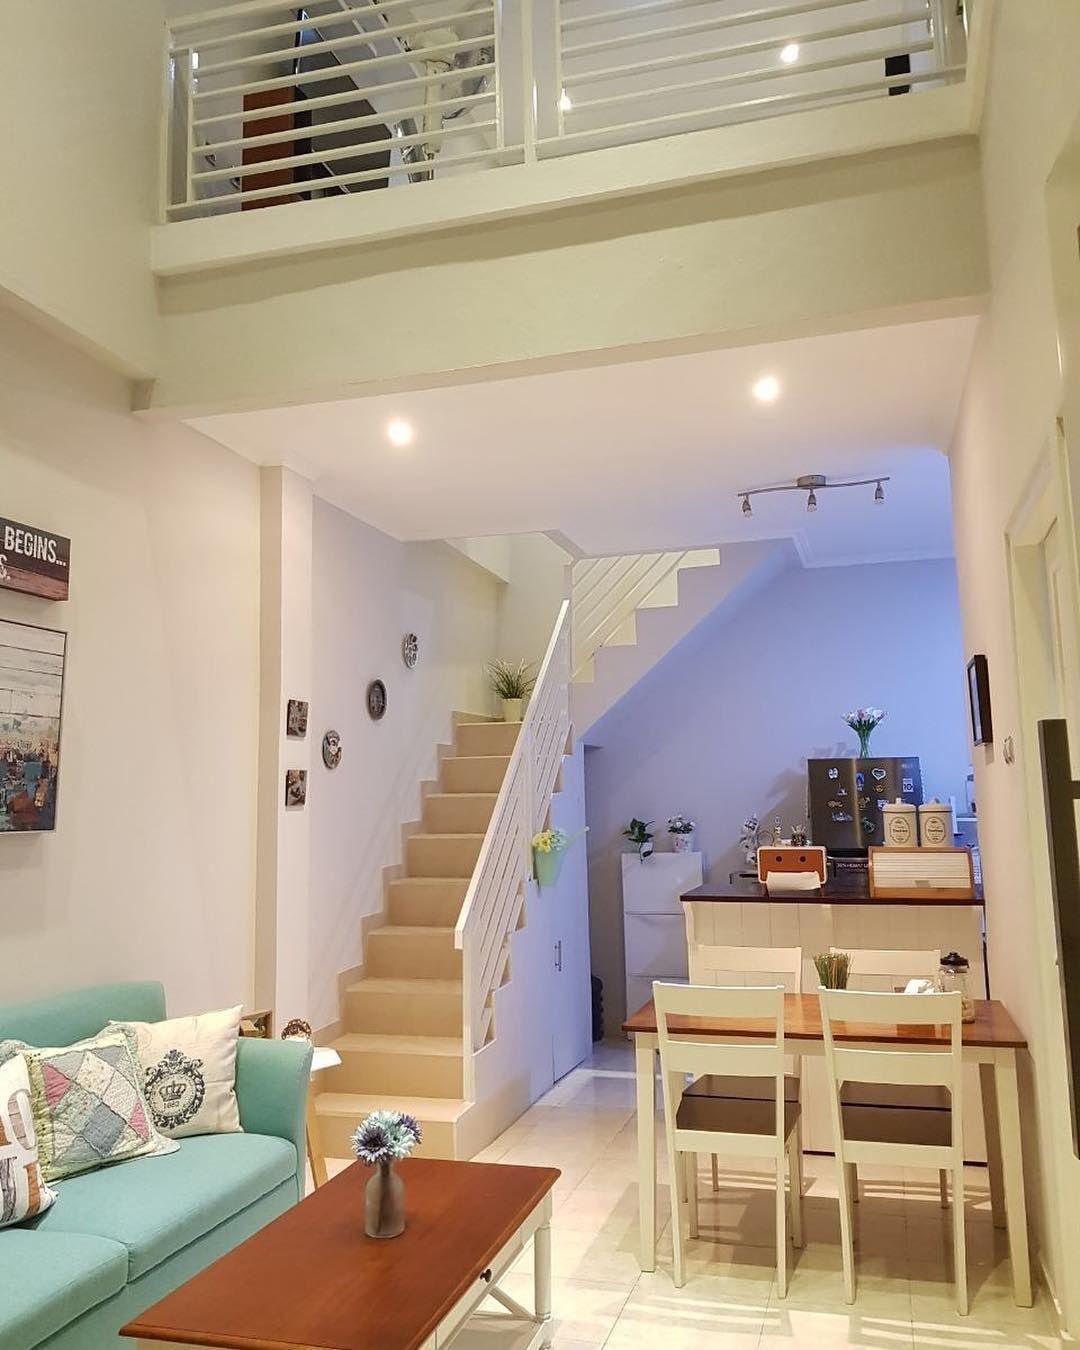 Rumah Tingkat Setengah : rumah, tingkat, setengah, Gambar, Desain, Rumah, Minimalis, Lantai, Setengah, Bahan, Bangunan